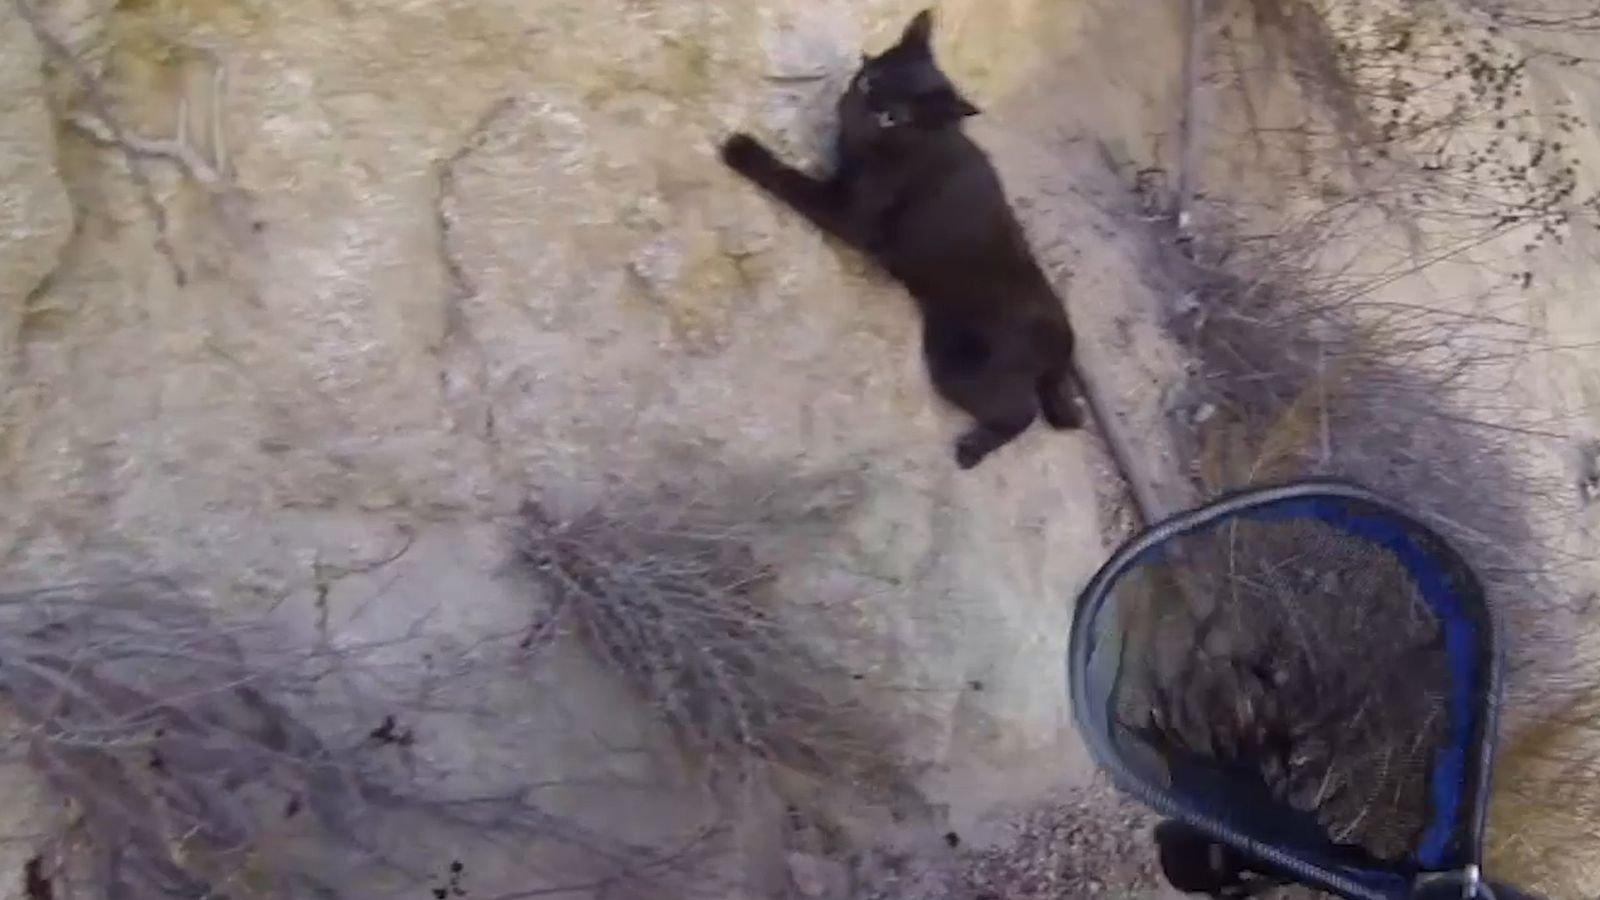 Katzenrettung von der Klippe